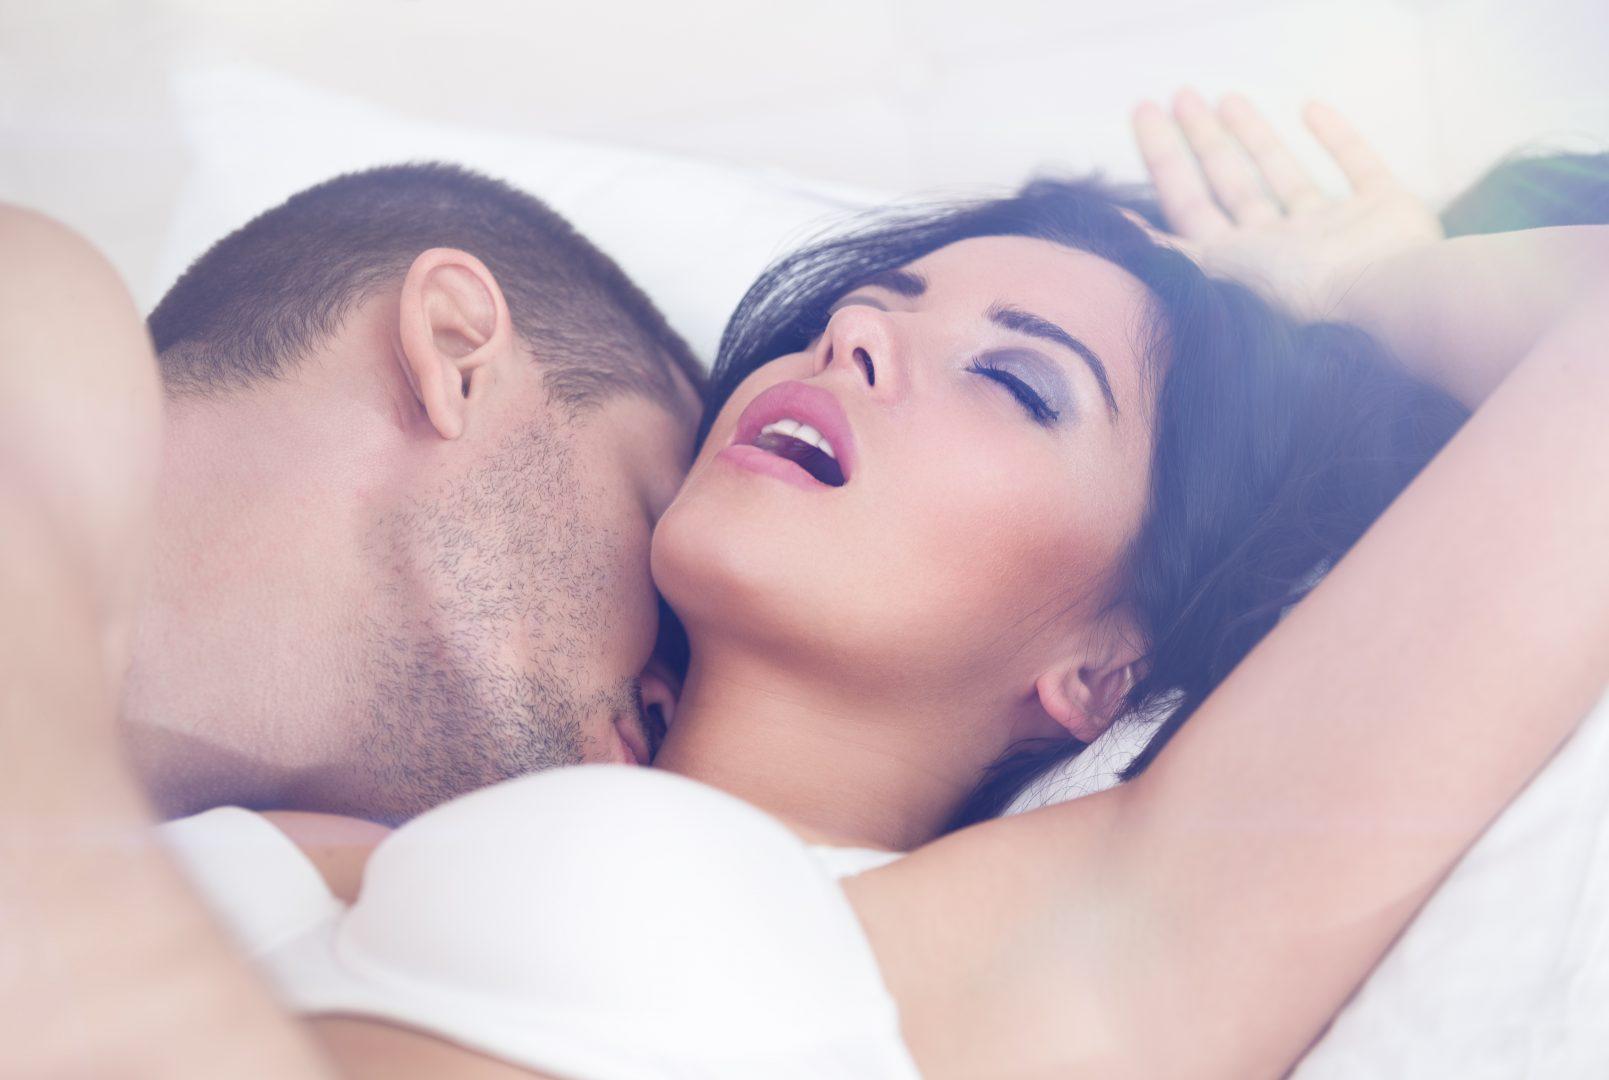 Les hele test av Womanizer. Bilde av par som har sex.